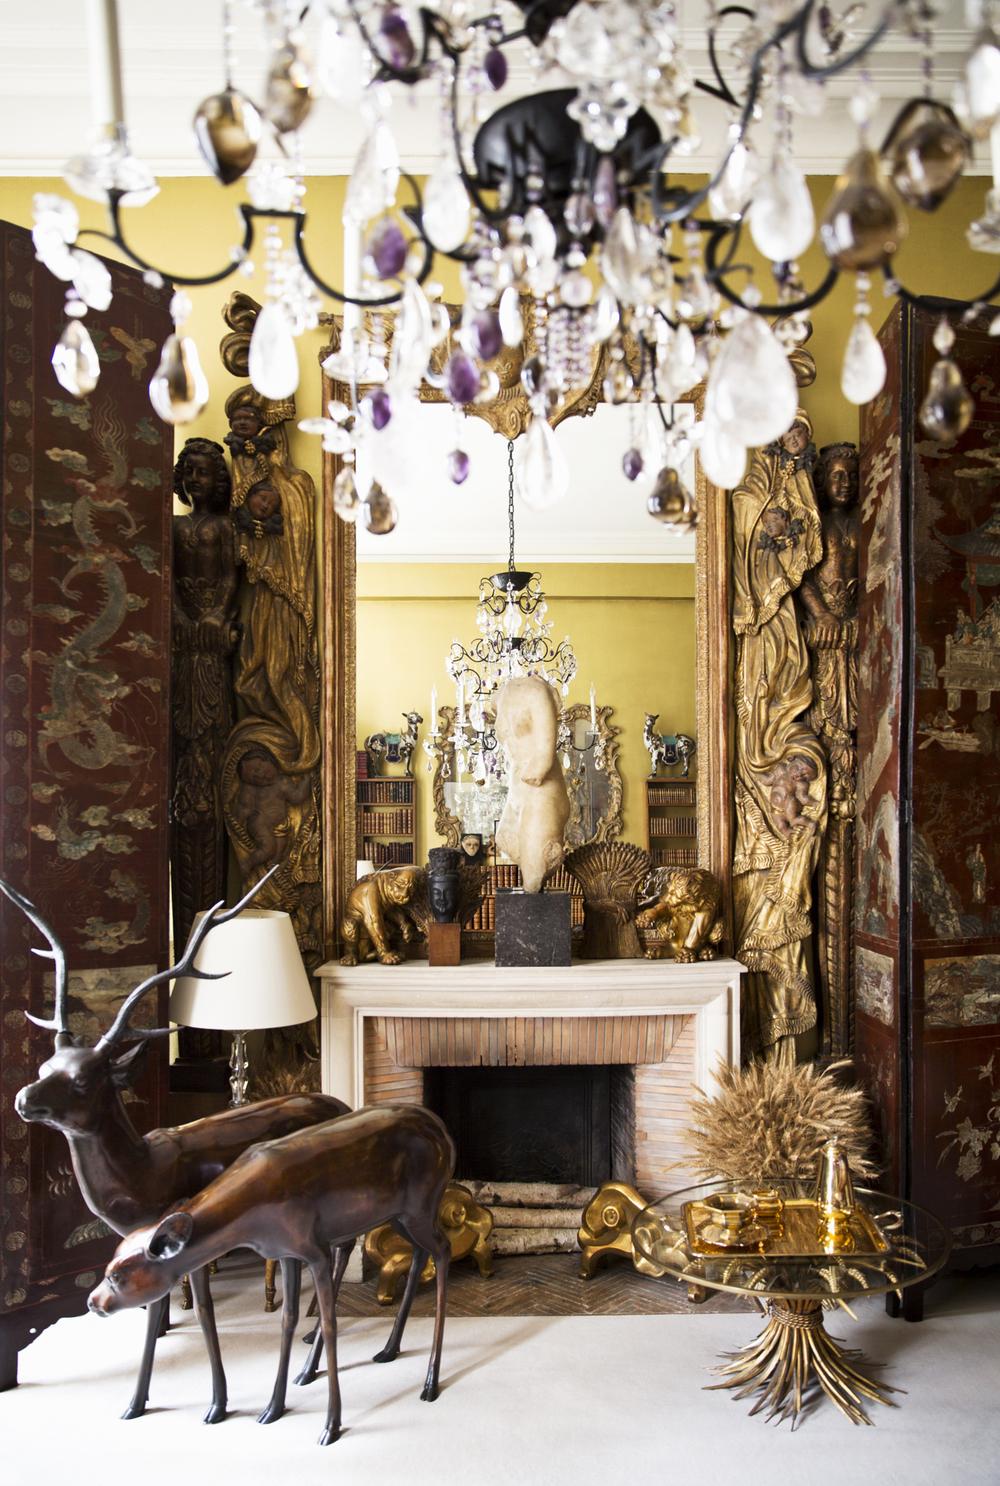 Places coco chanel 39 s paris apartment belgrave crescent for Paris home decorations